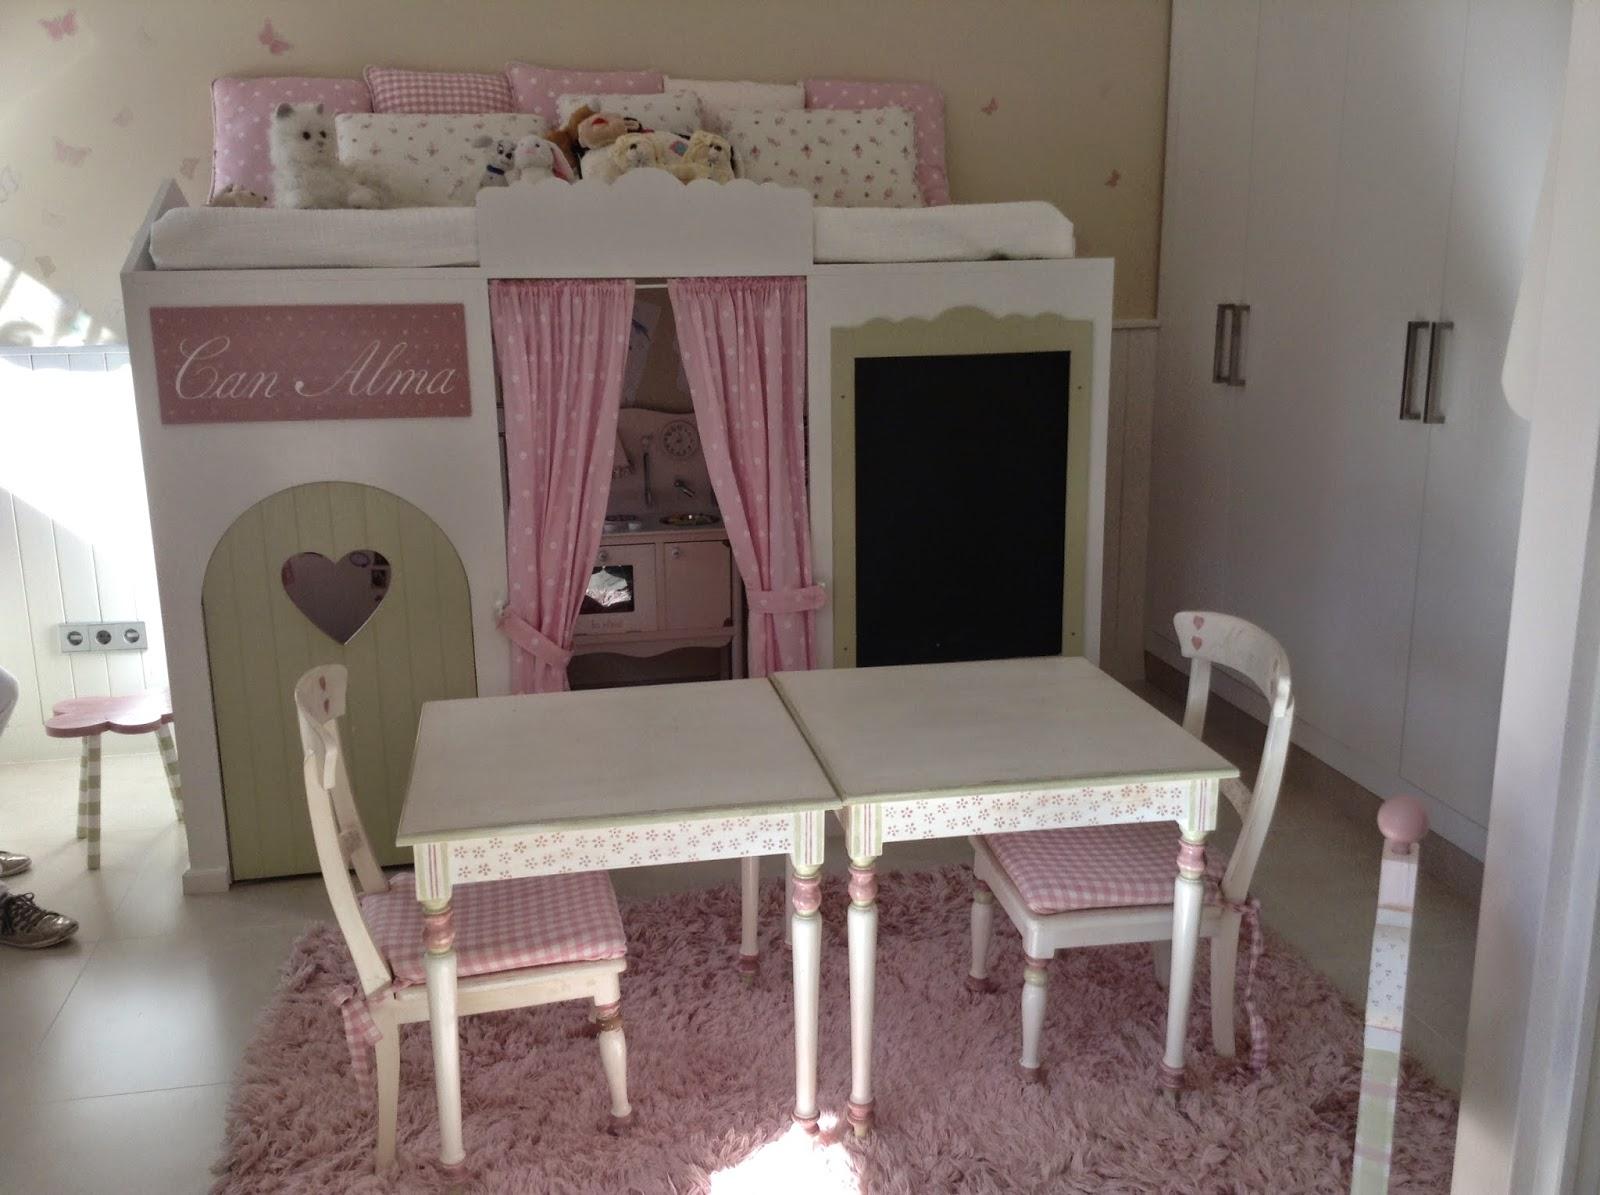 El blog de decoracion de laura ashley la habitaci n m s bonita es para dos por ambart - Muebles laura ashley ...